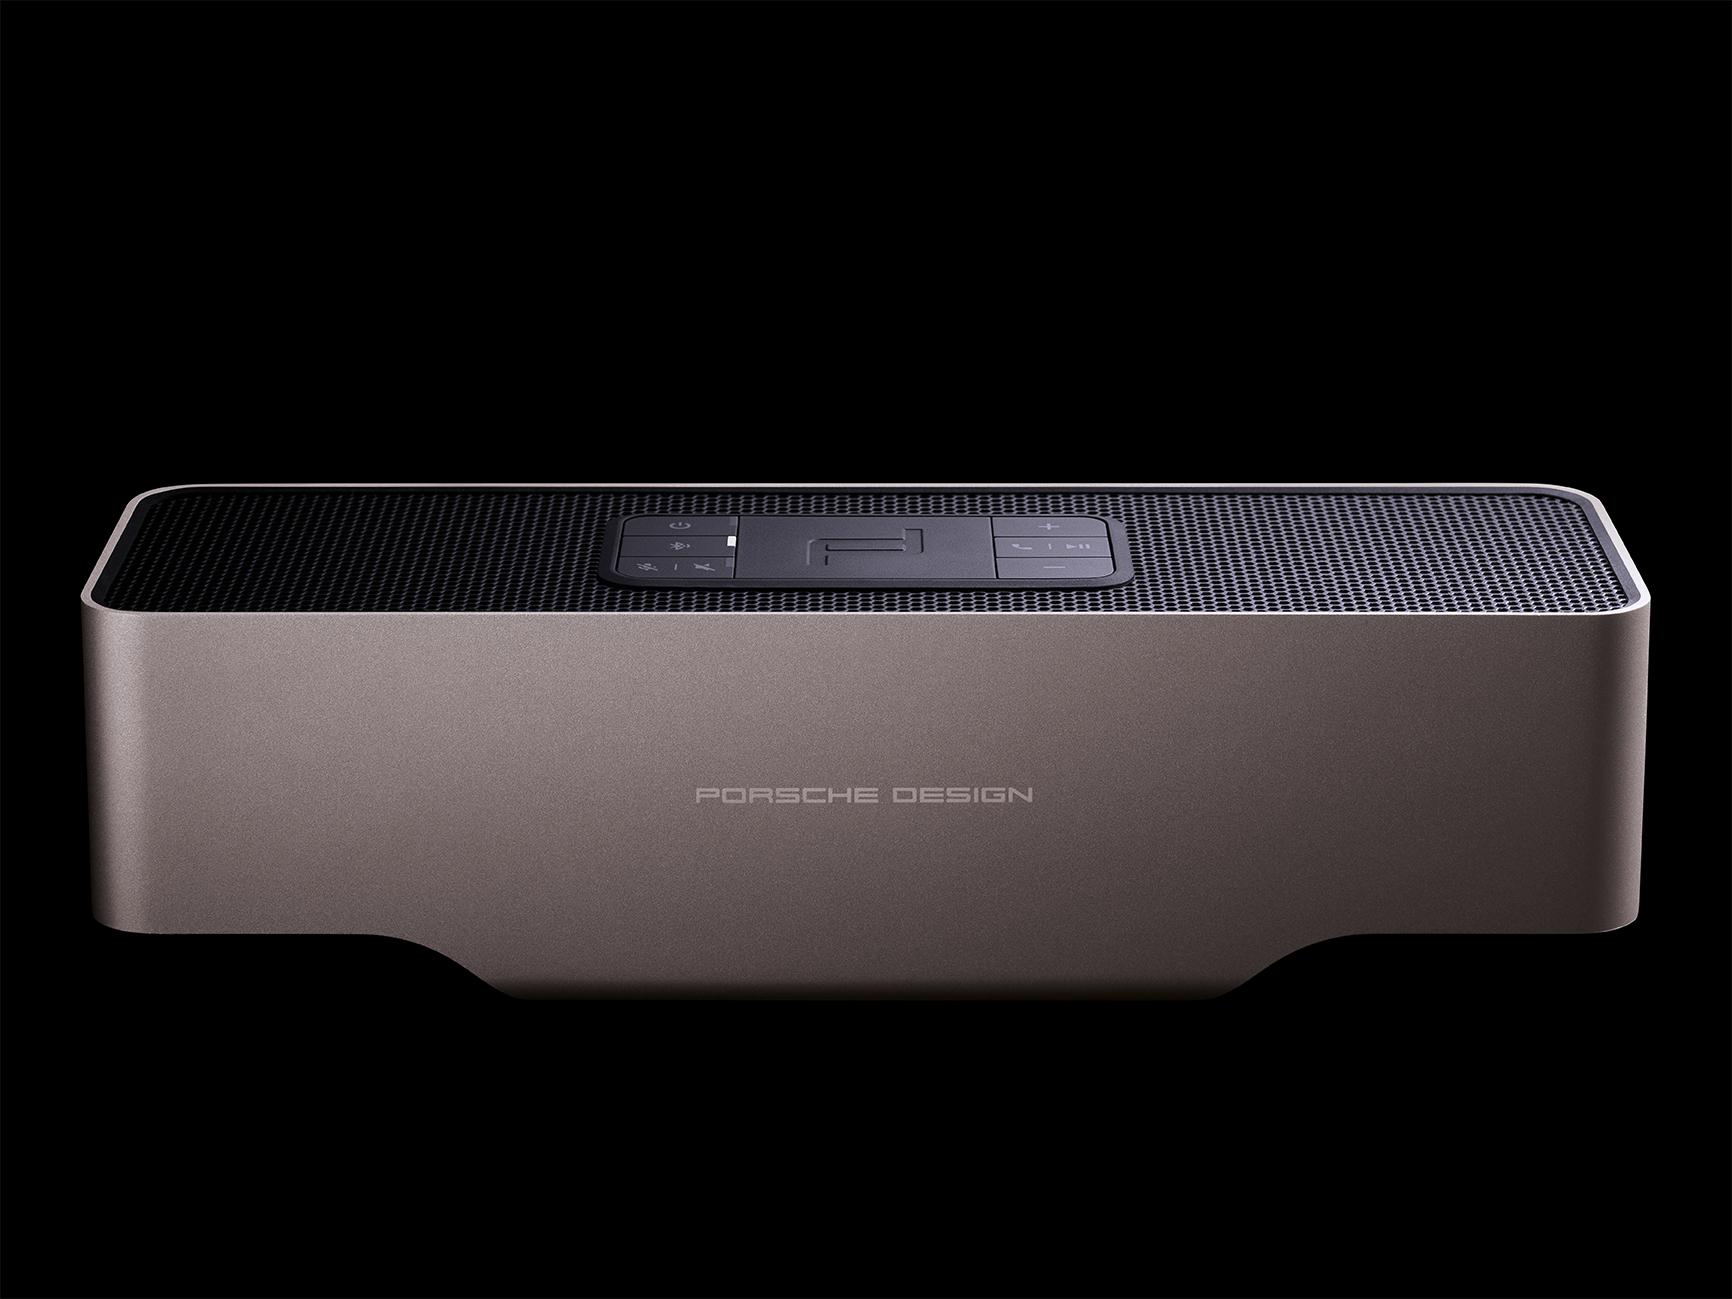 KEF und Porsche Design Gravity One - Bluetooth-Lautsprecher